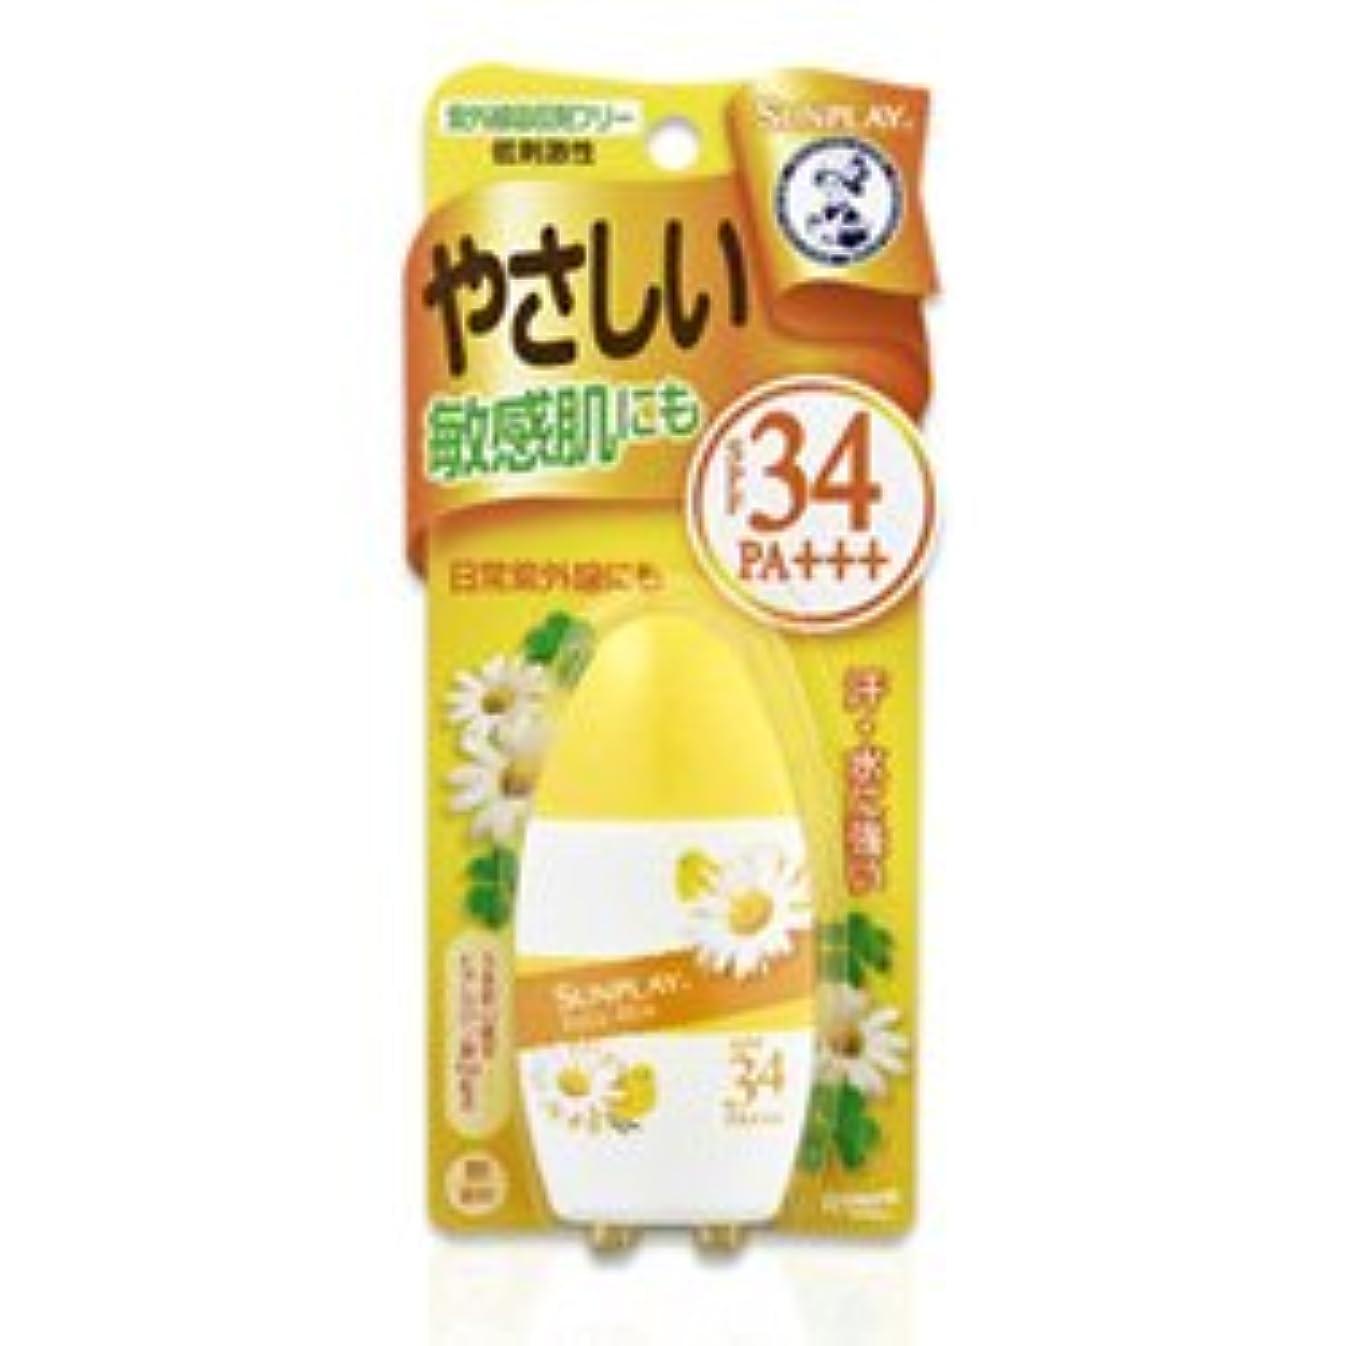 上昇女優胆嚢【ロート製薬】メンソレータム サンプレイ ベビーミルク 30g ×20個セット